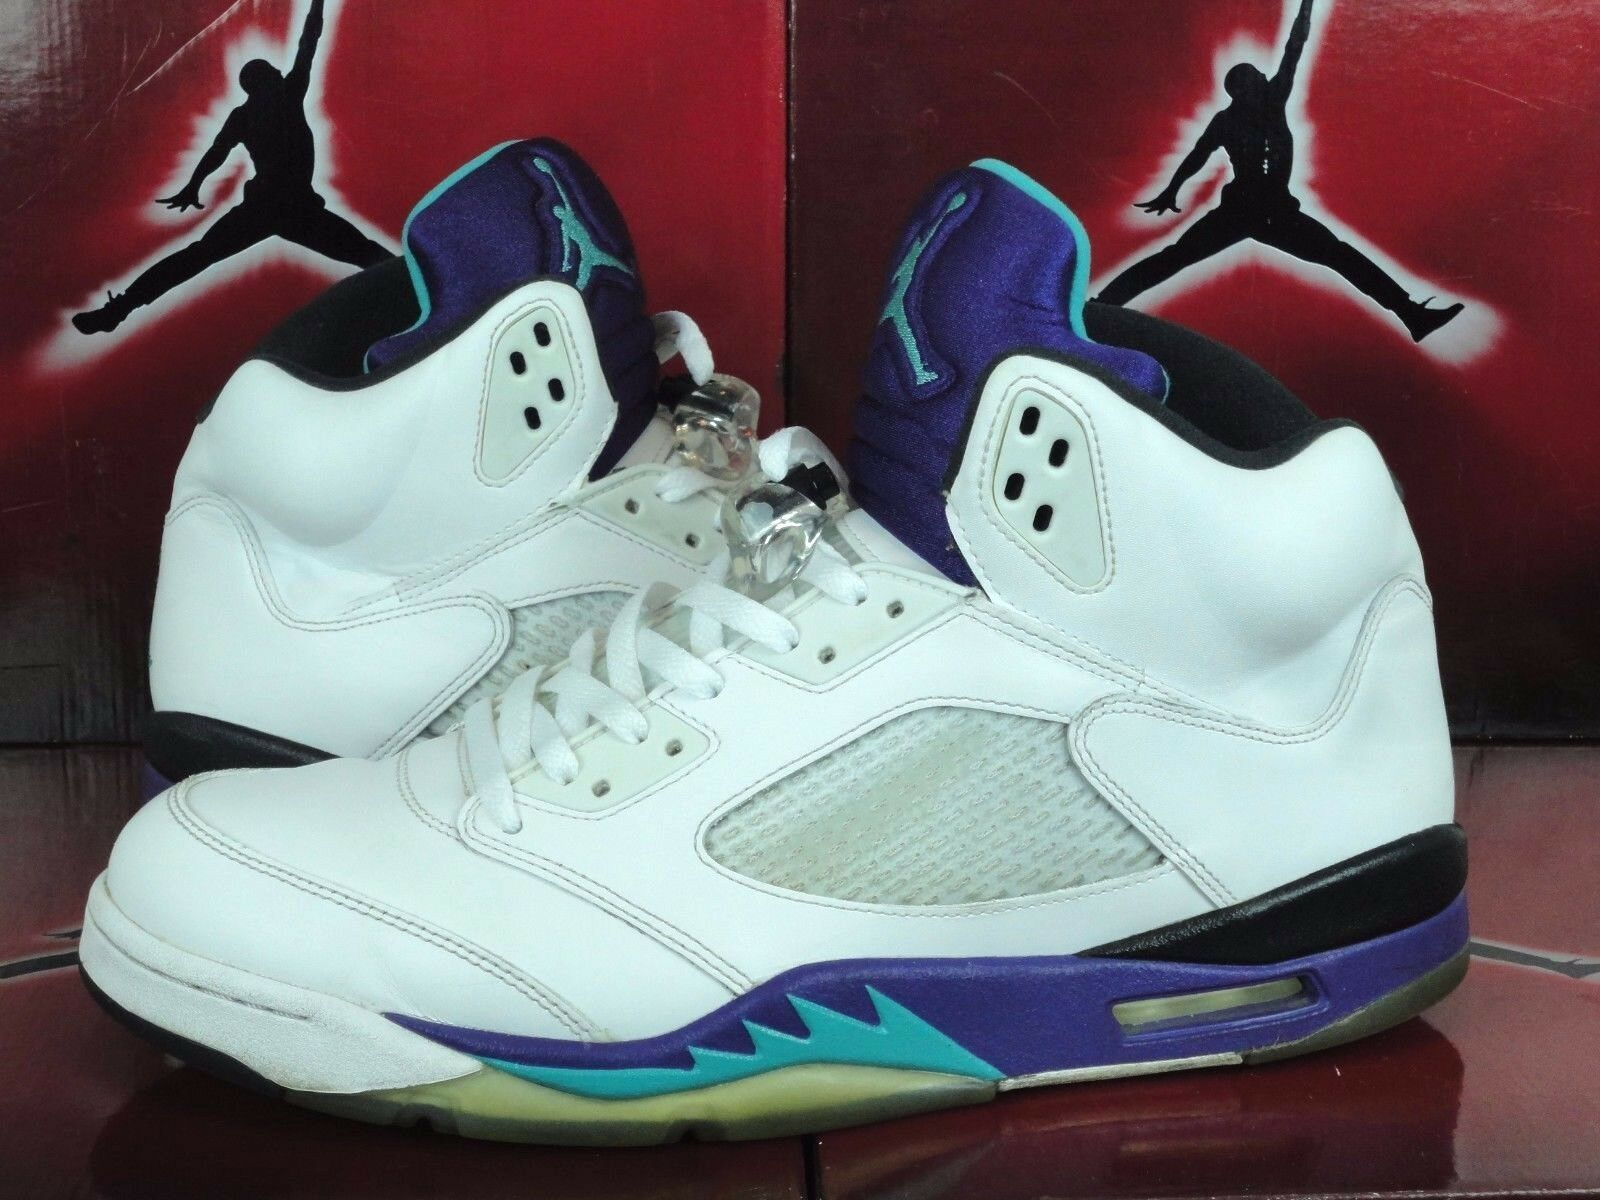 Air Jordan 5 Retro Grape 2013 Size 13 White Purple Aqua - X V I - Nike